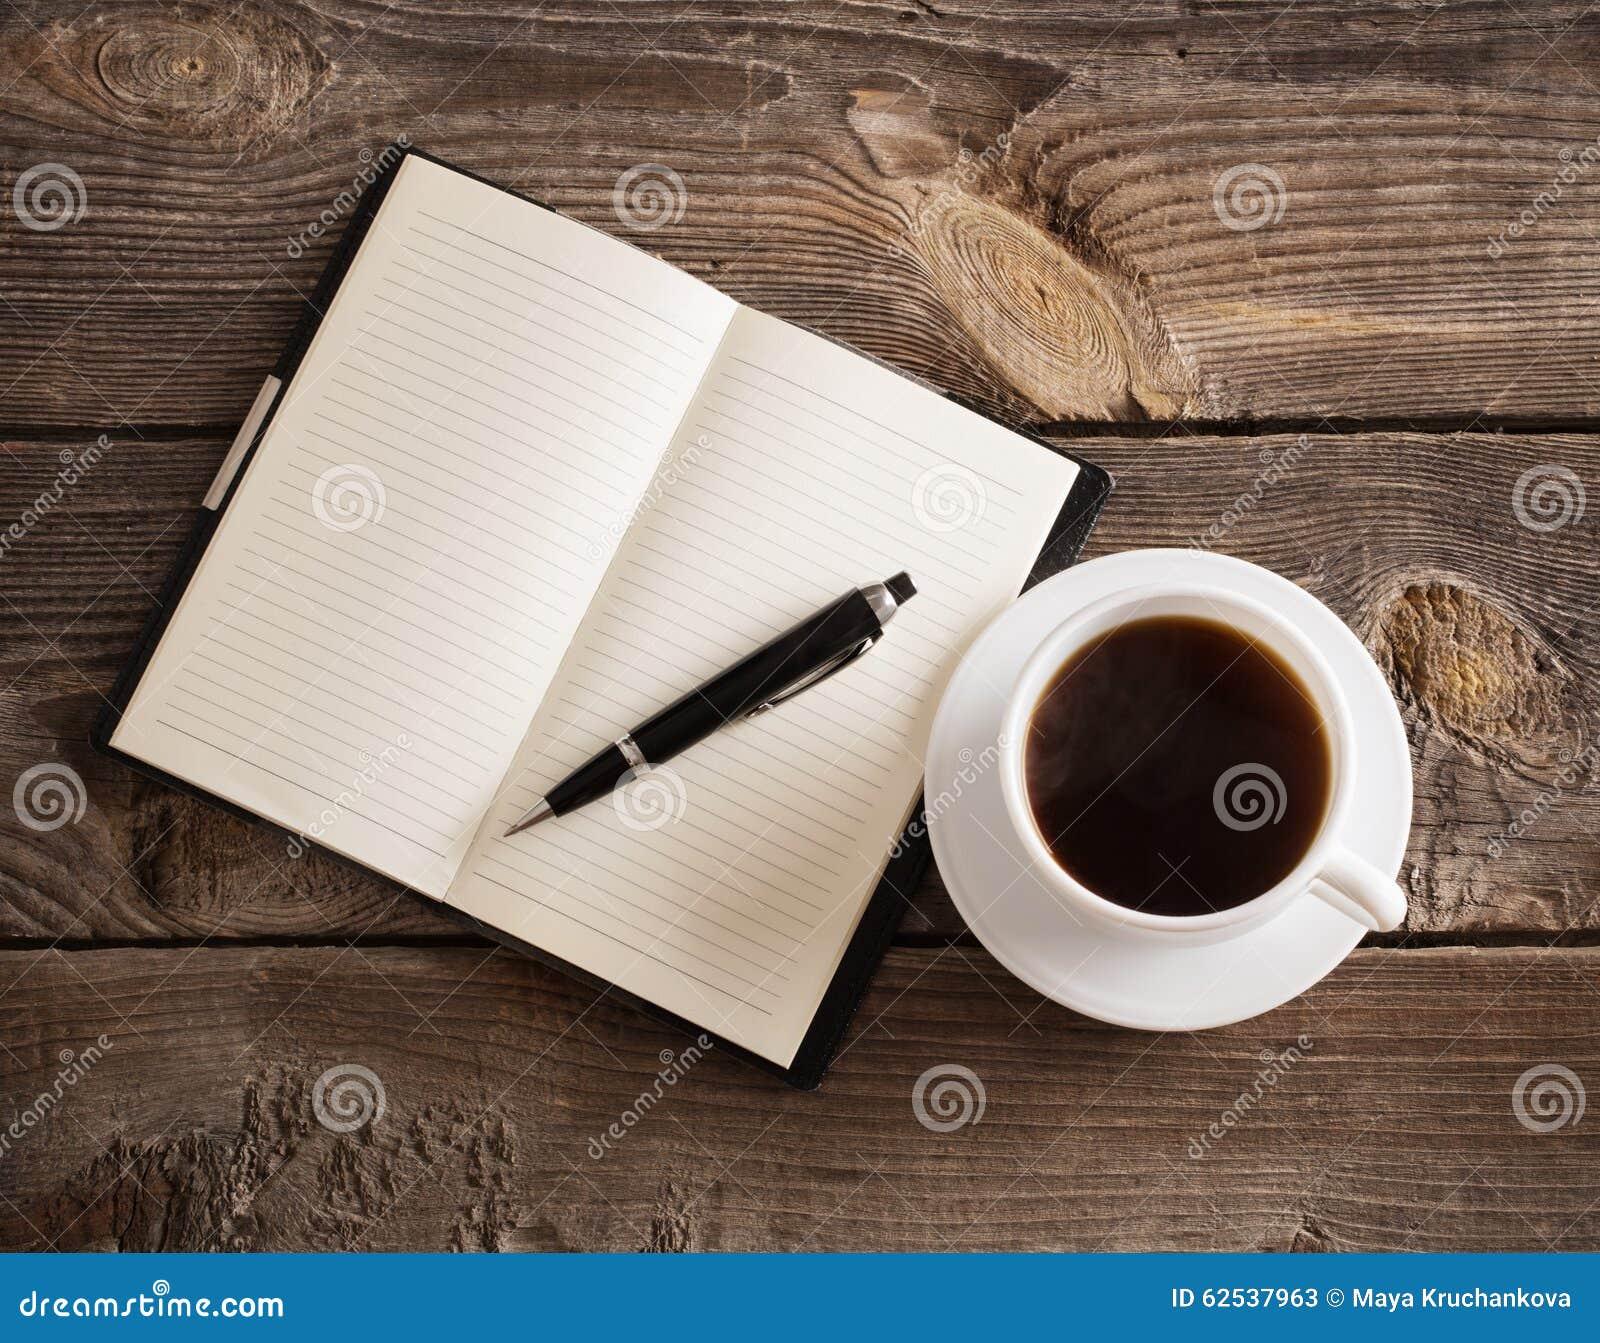 有笔的在木桌上的笔记本和咖啡